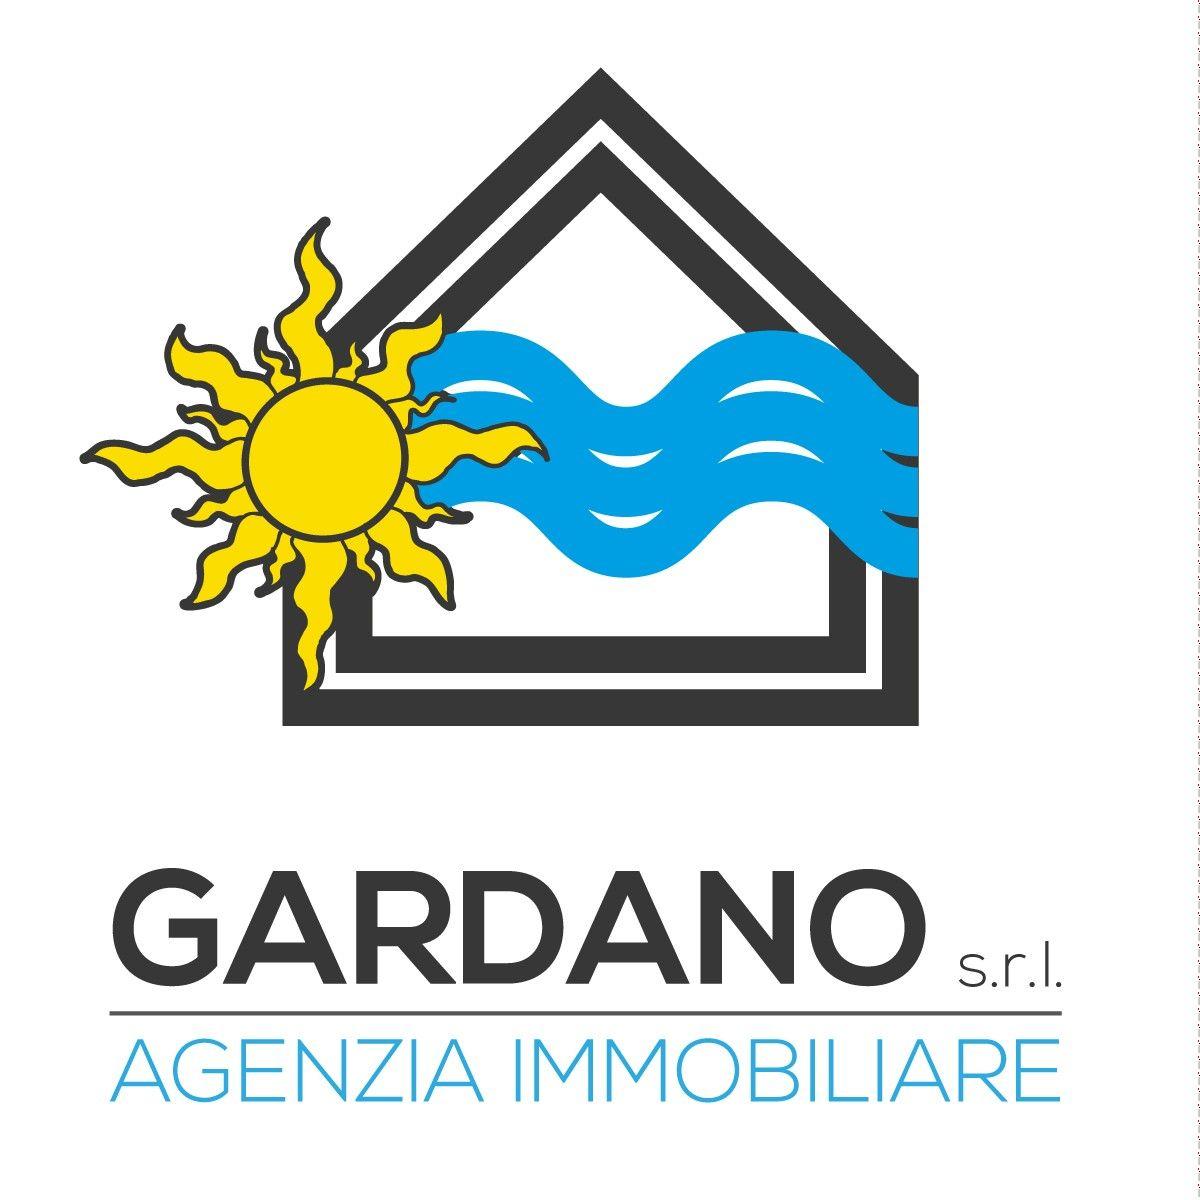 AGENZIA IMMOBILIARE GARDANO